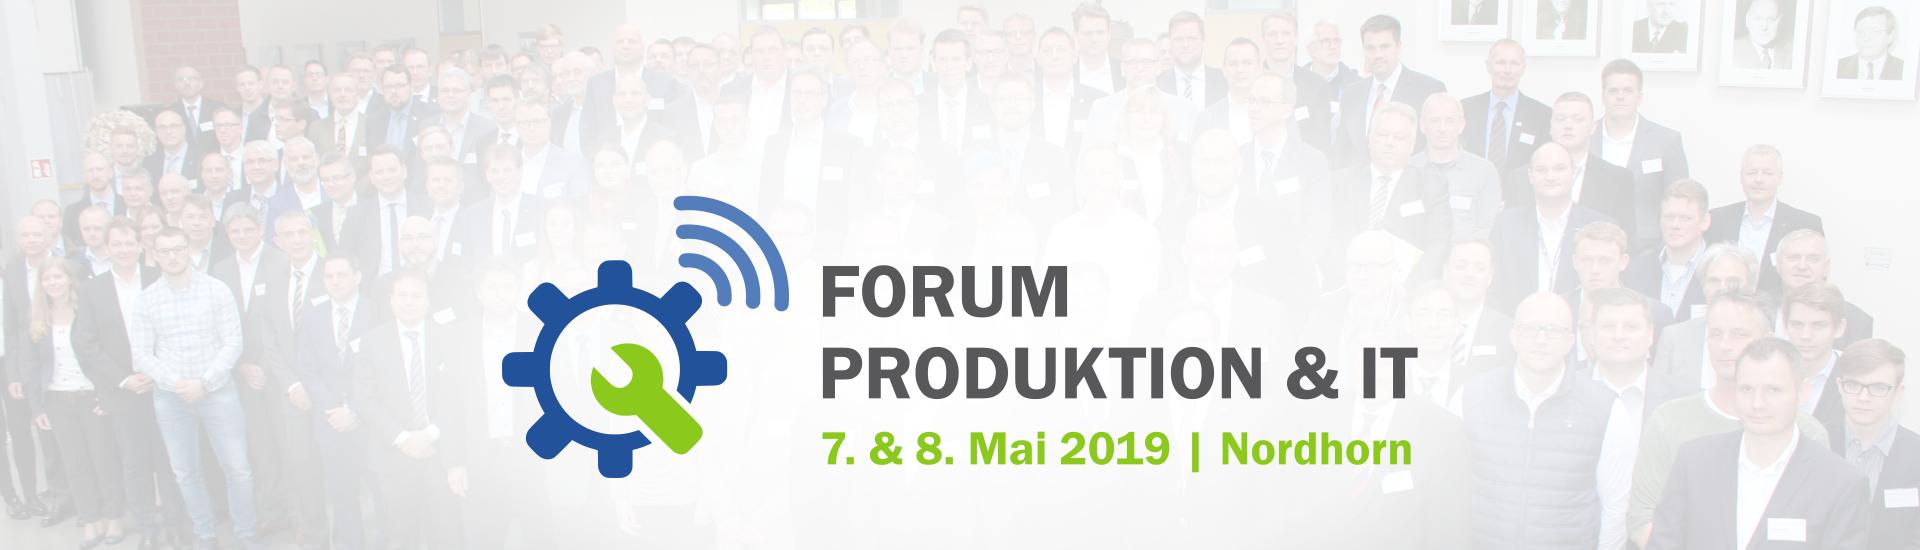 Forum Produktion & IT